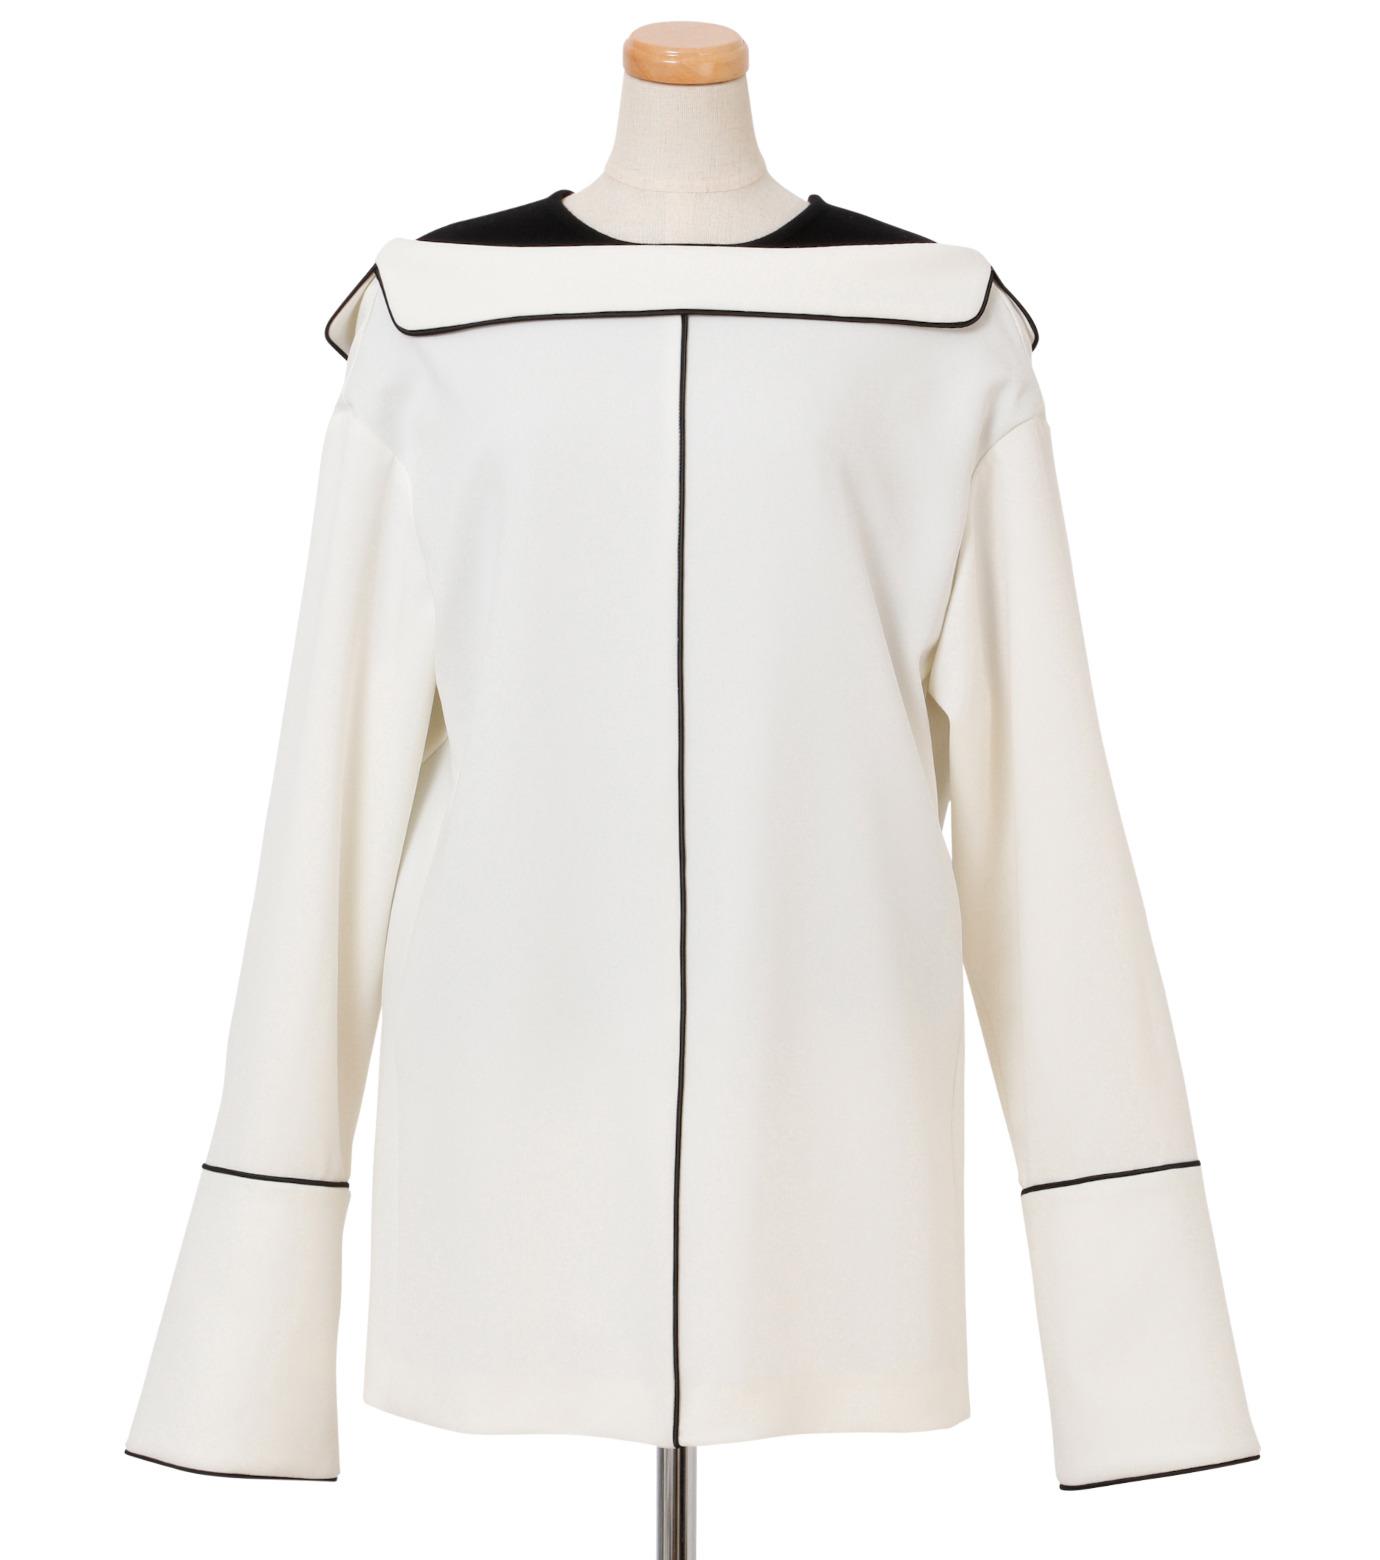 IRENE(アイレネ)のリバーサルスーツトップス-WHITE(シャツ/shirt)-18A83006 拡大詳細画像1